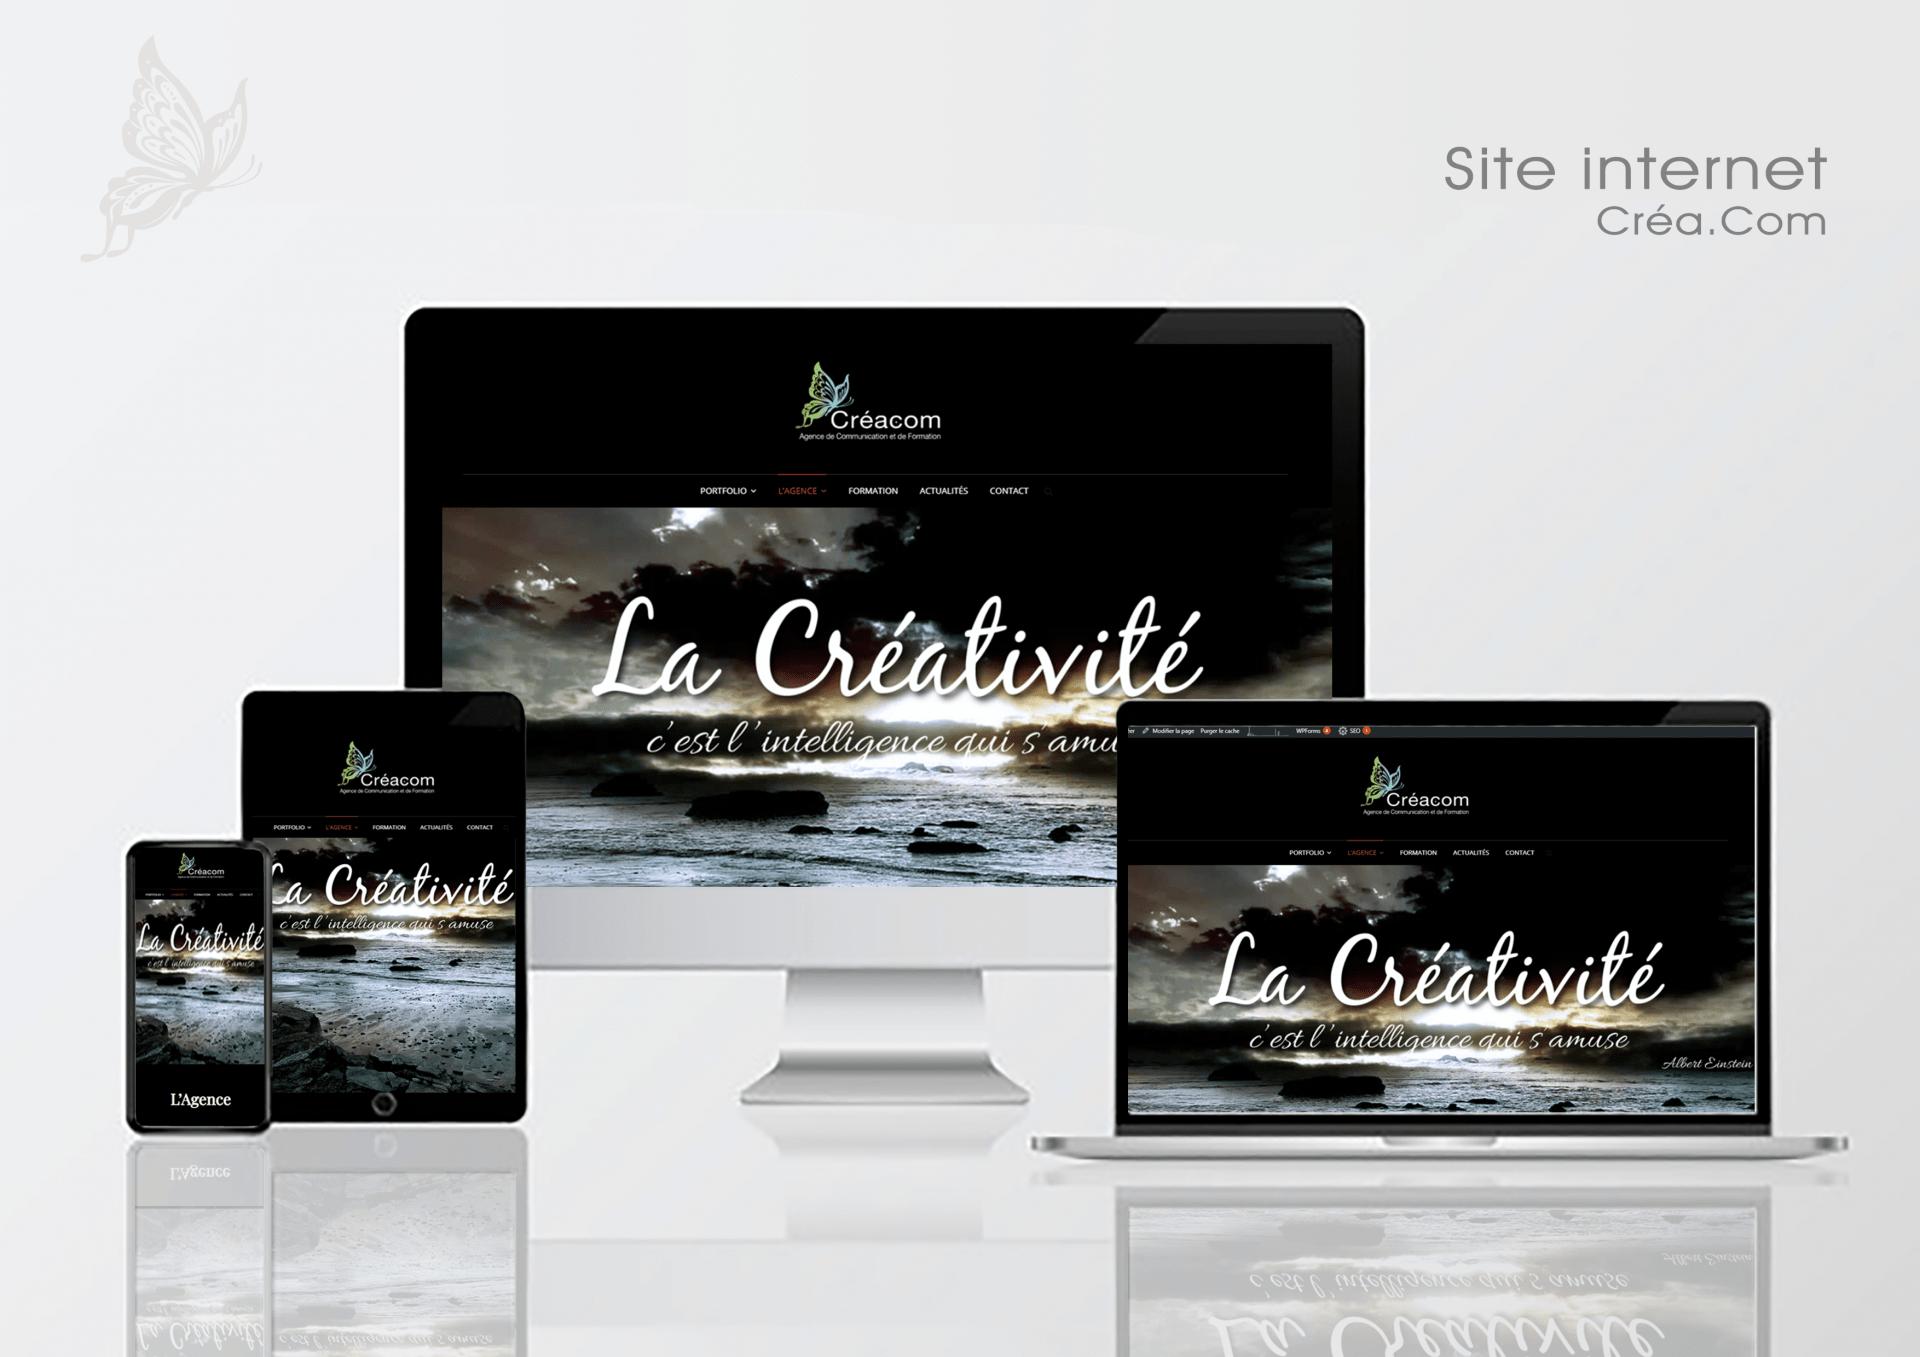 Créa.Com Agence de Publicité, site internet créa